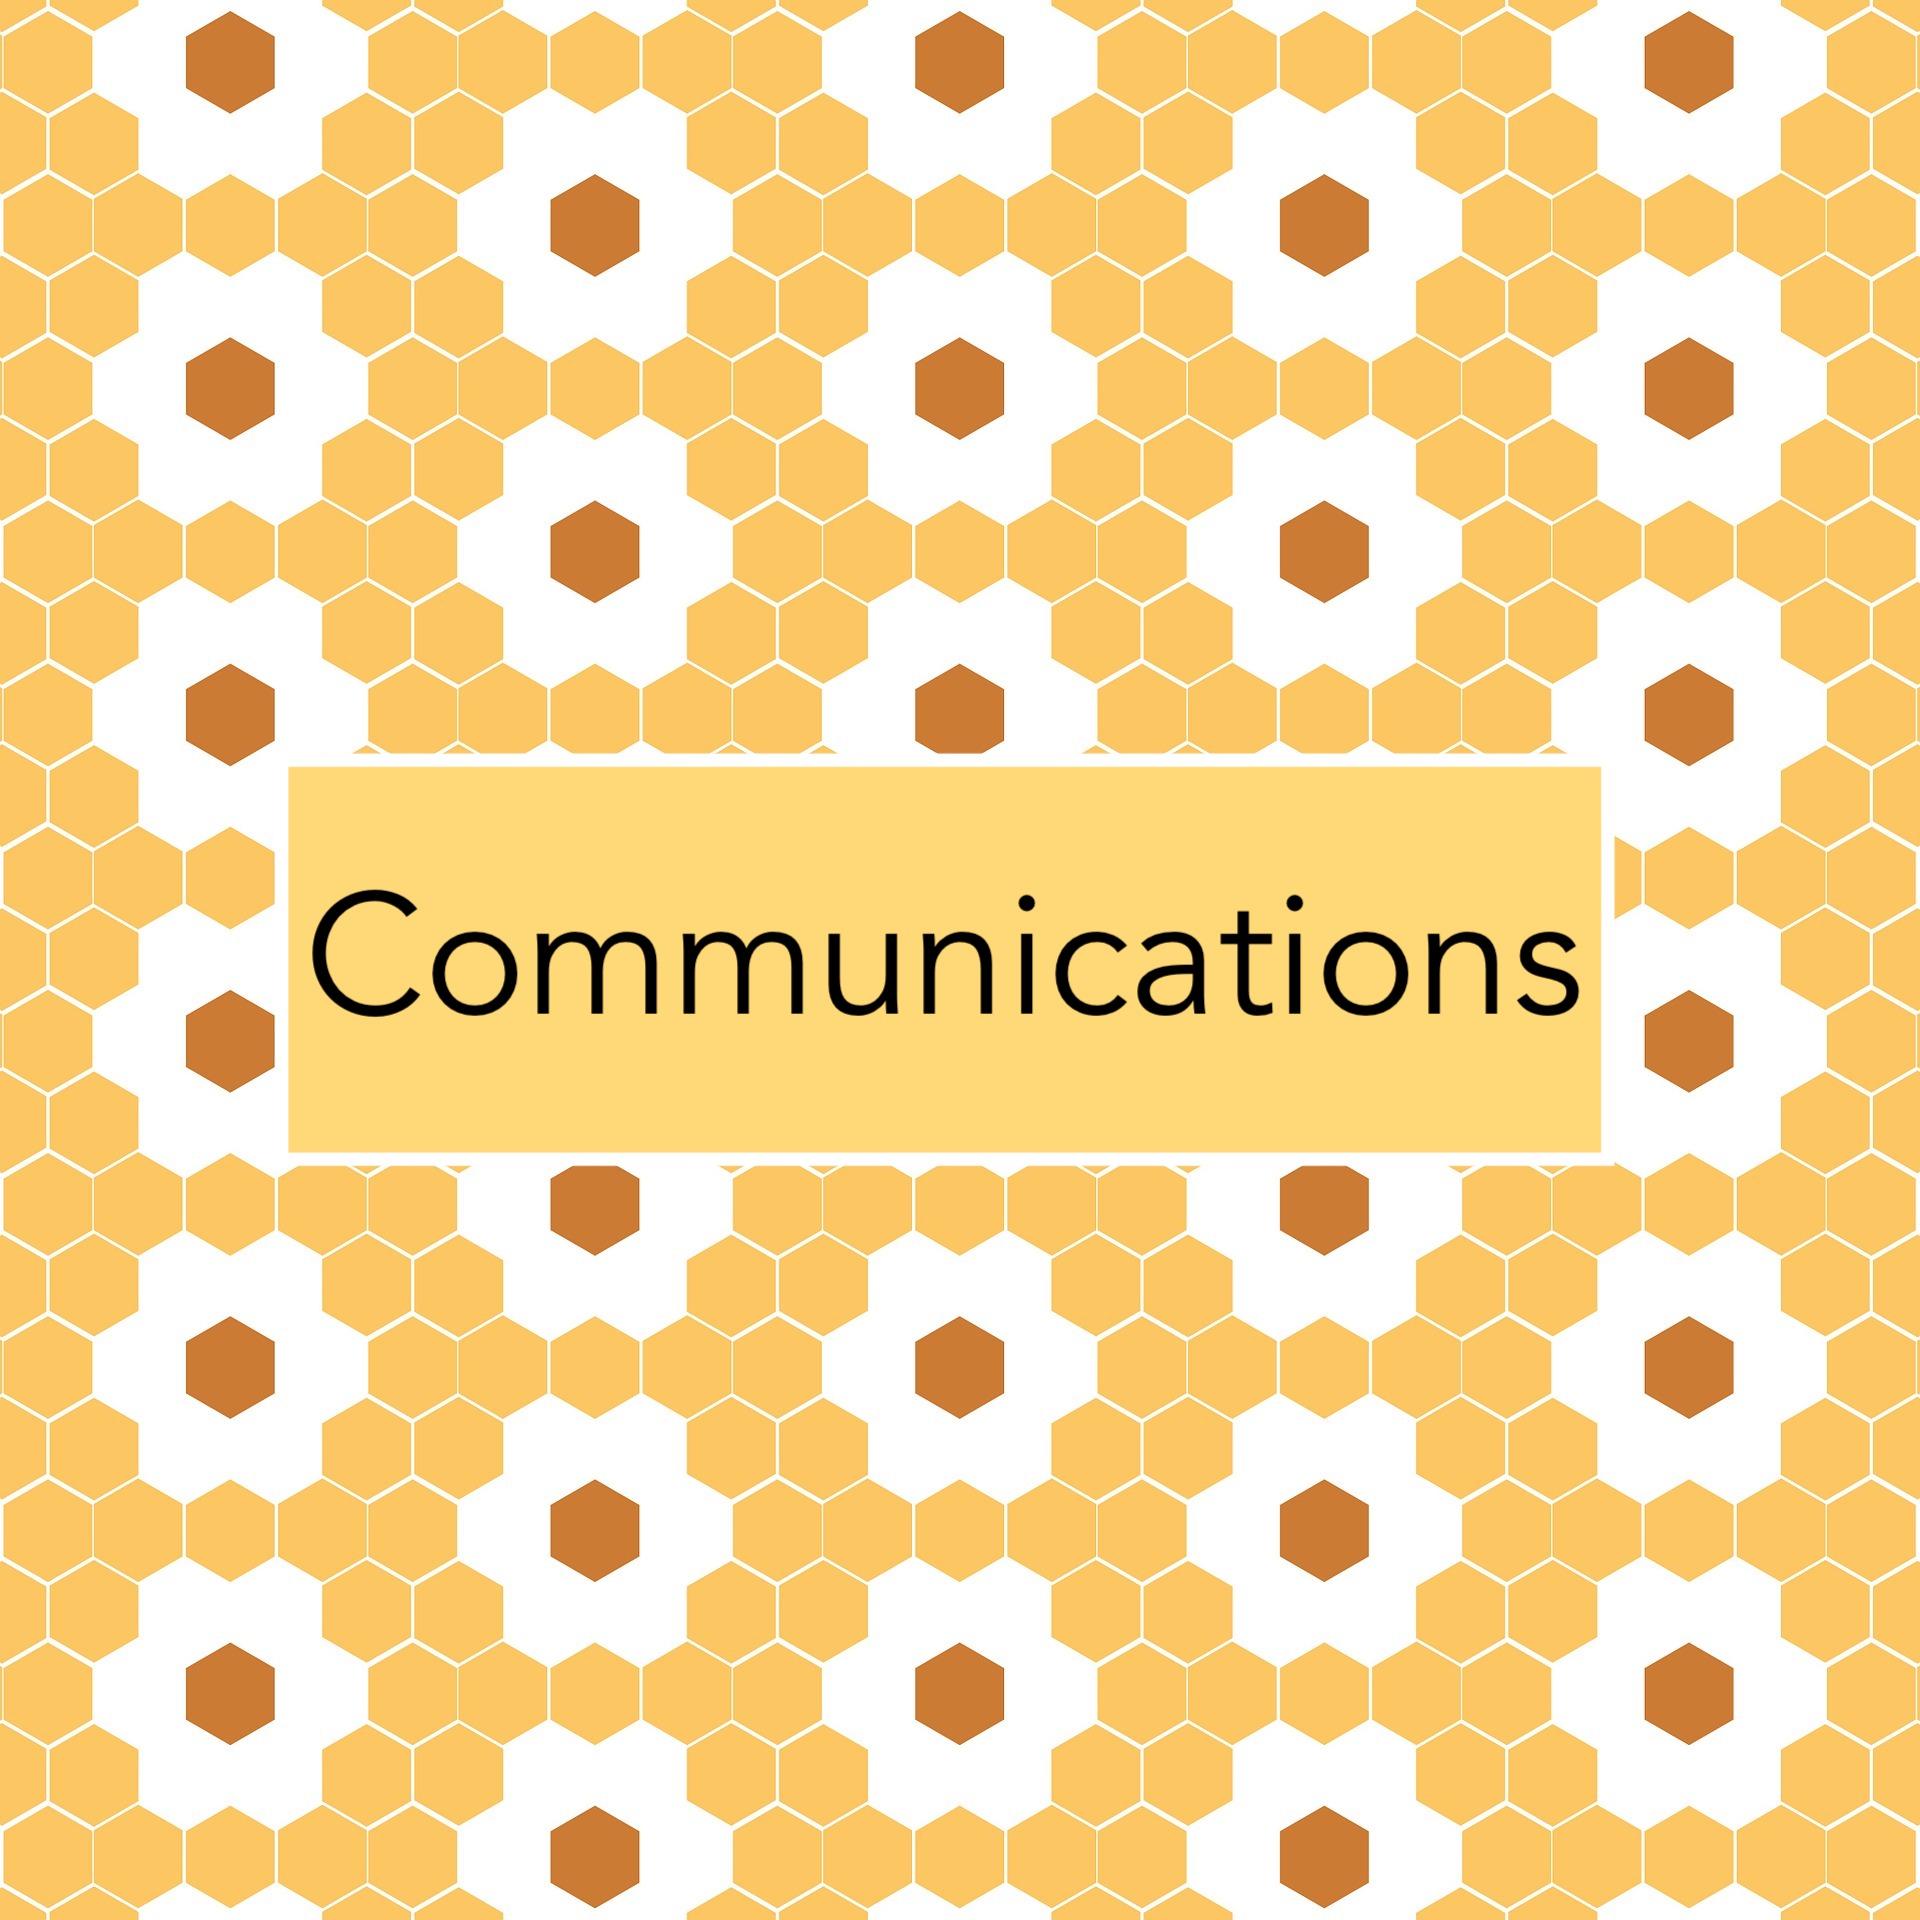 Communications tile flower hexagons